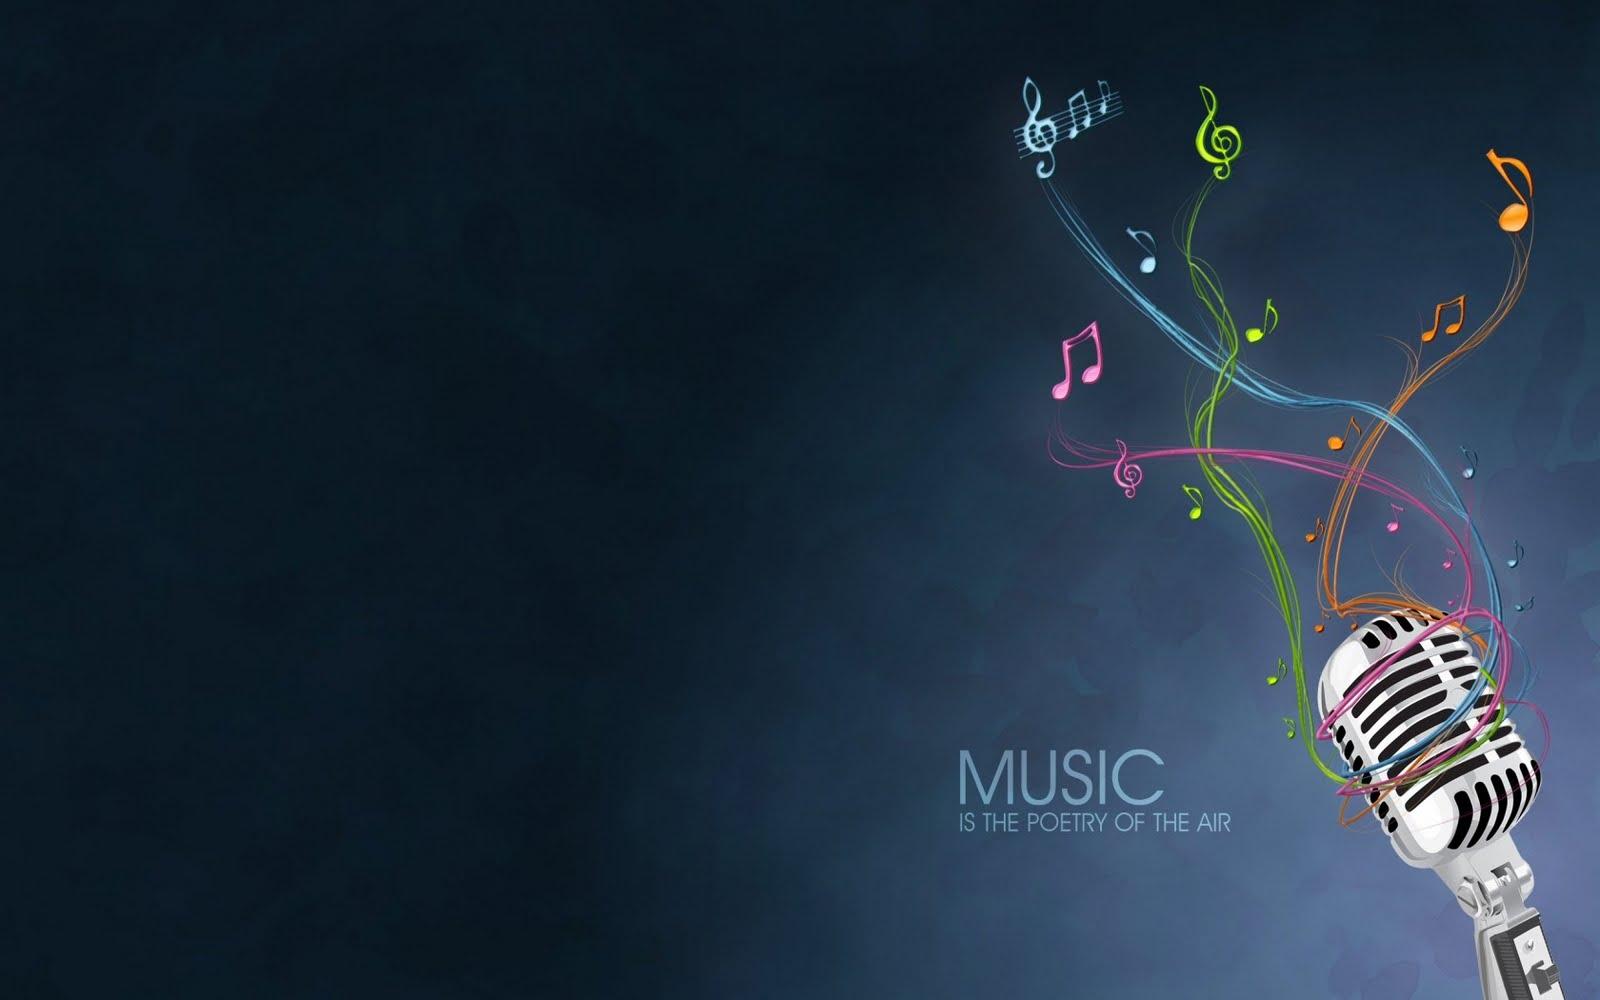 Download Gambar Music Wallpaper